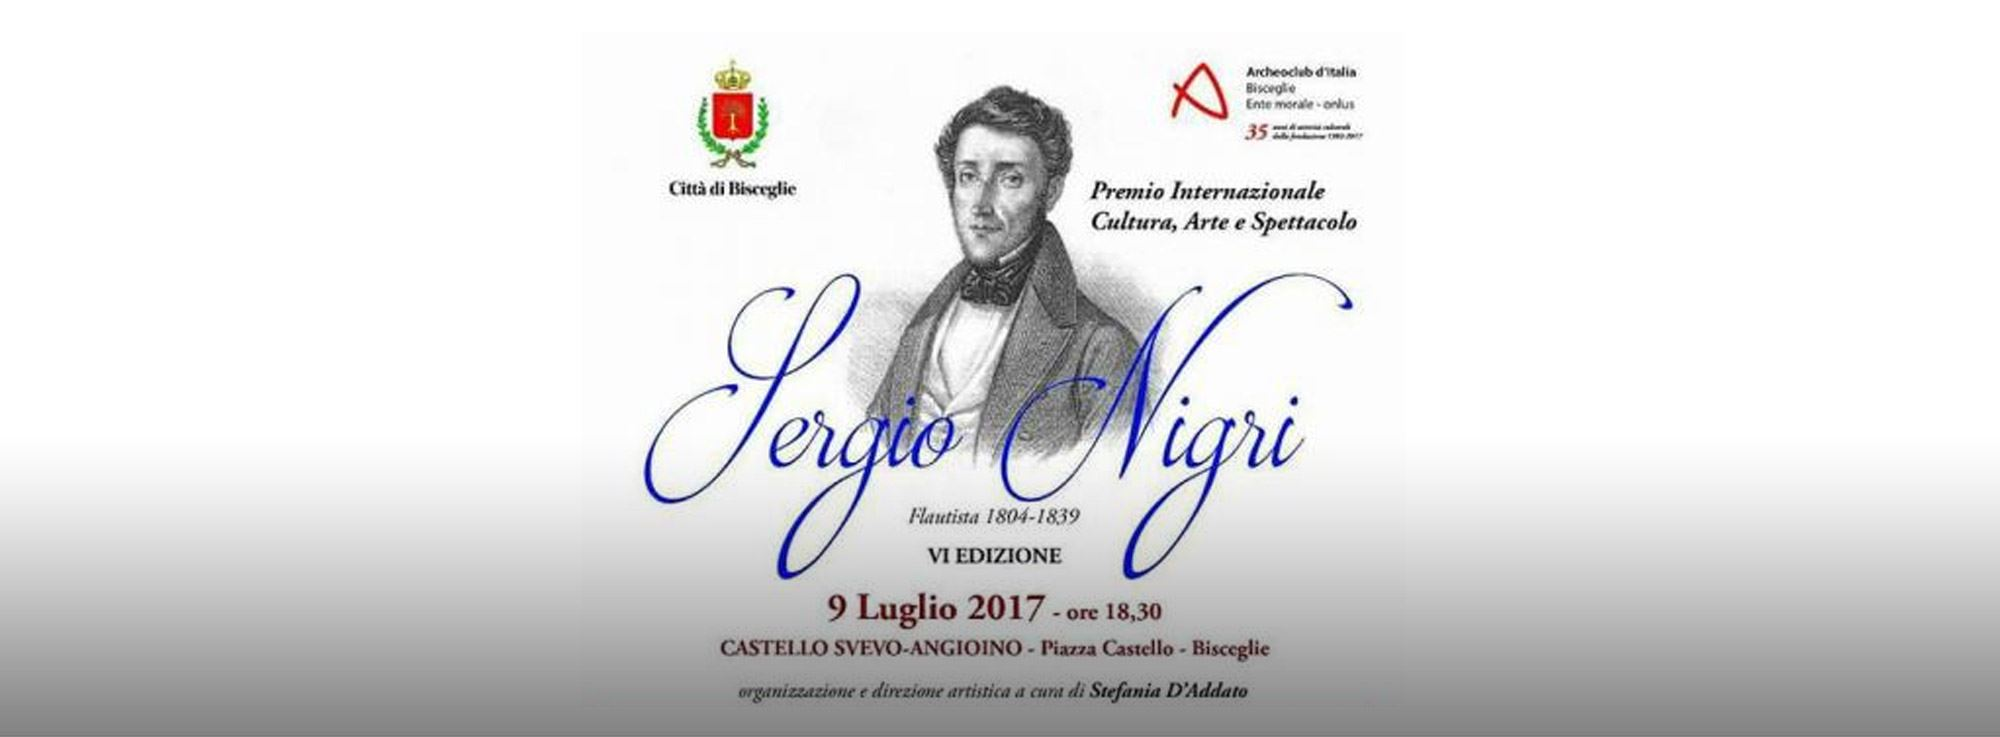 Bisceglie: Premio Cultura arte e spettacolo Sergio Nigri